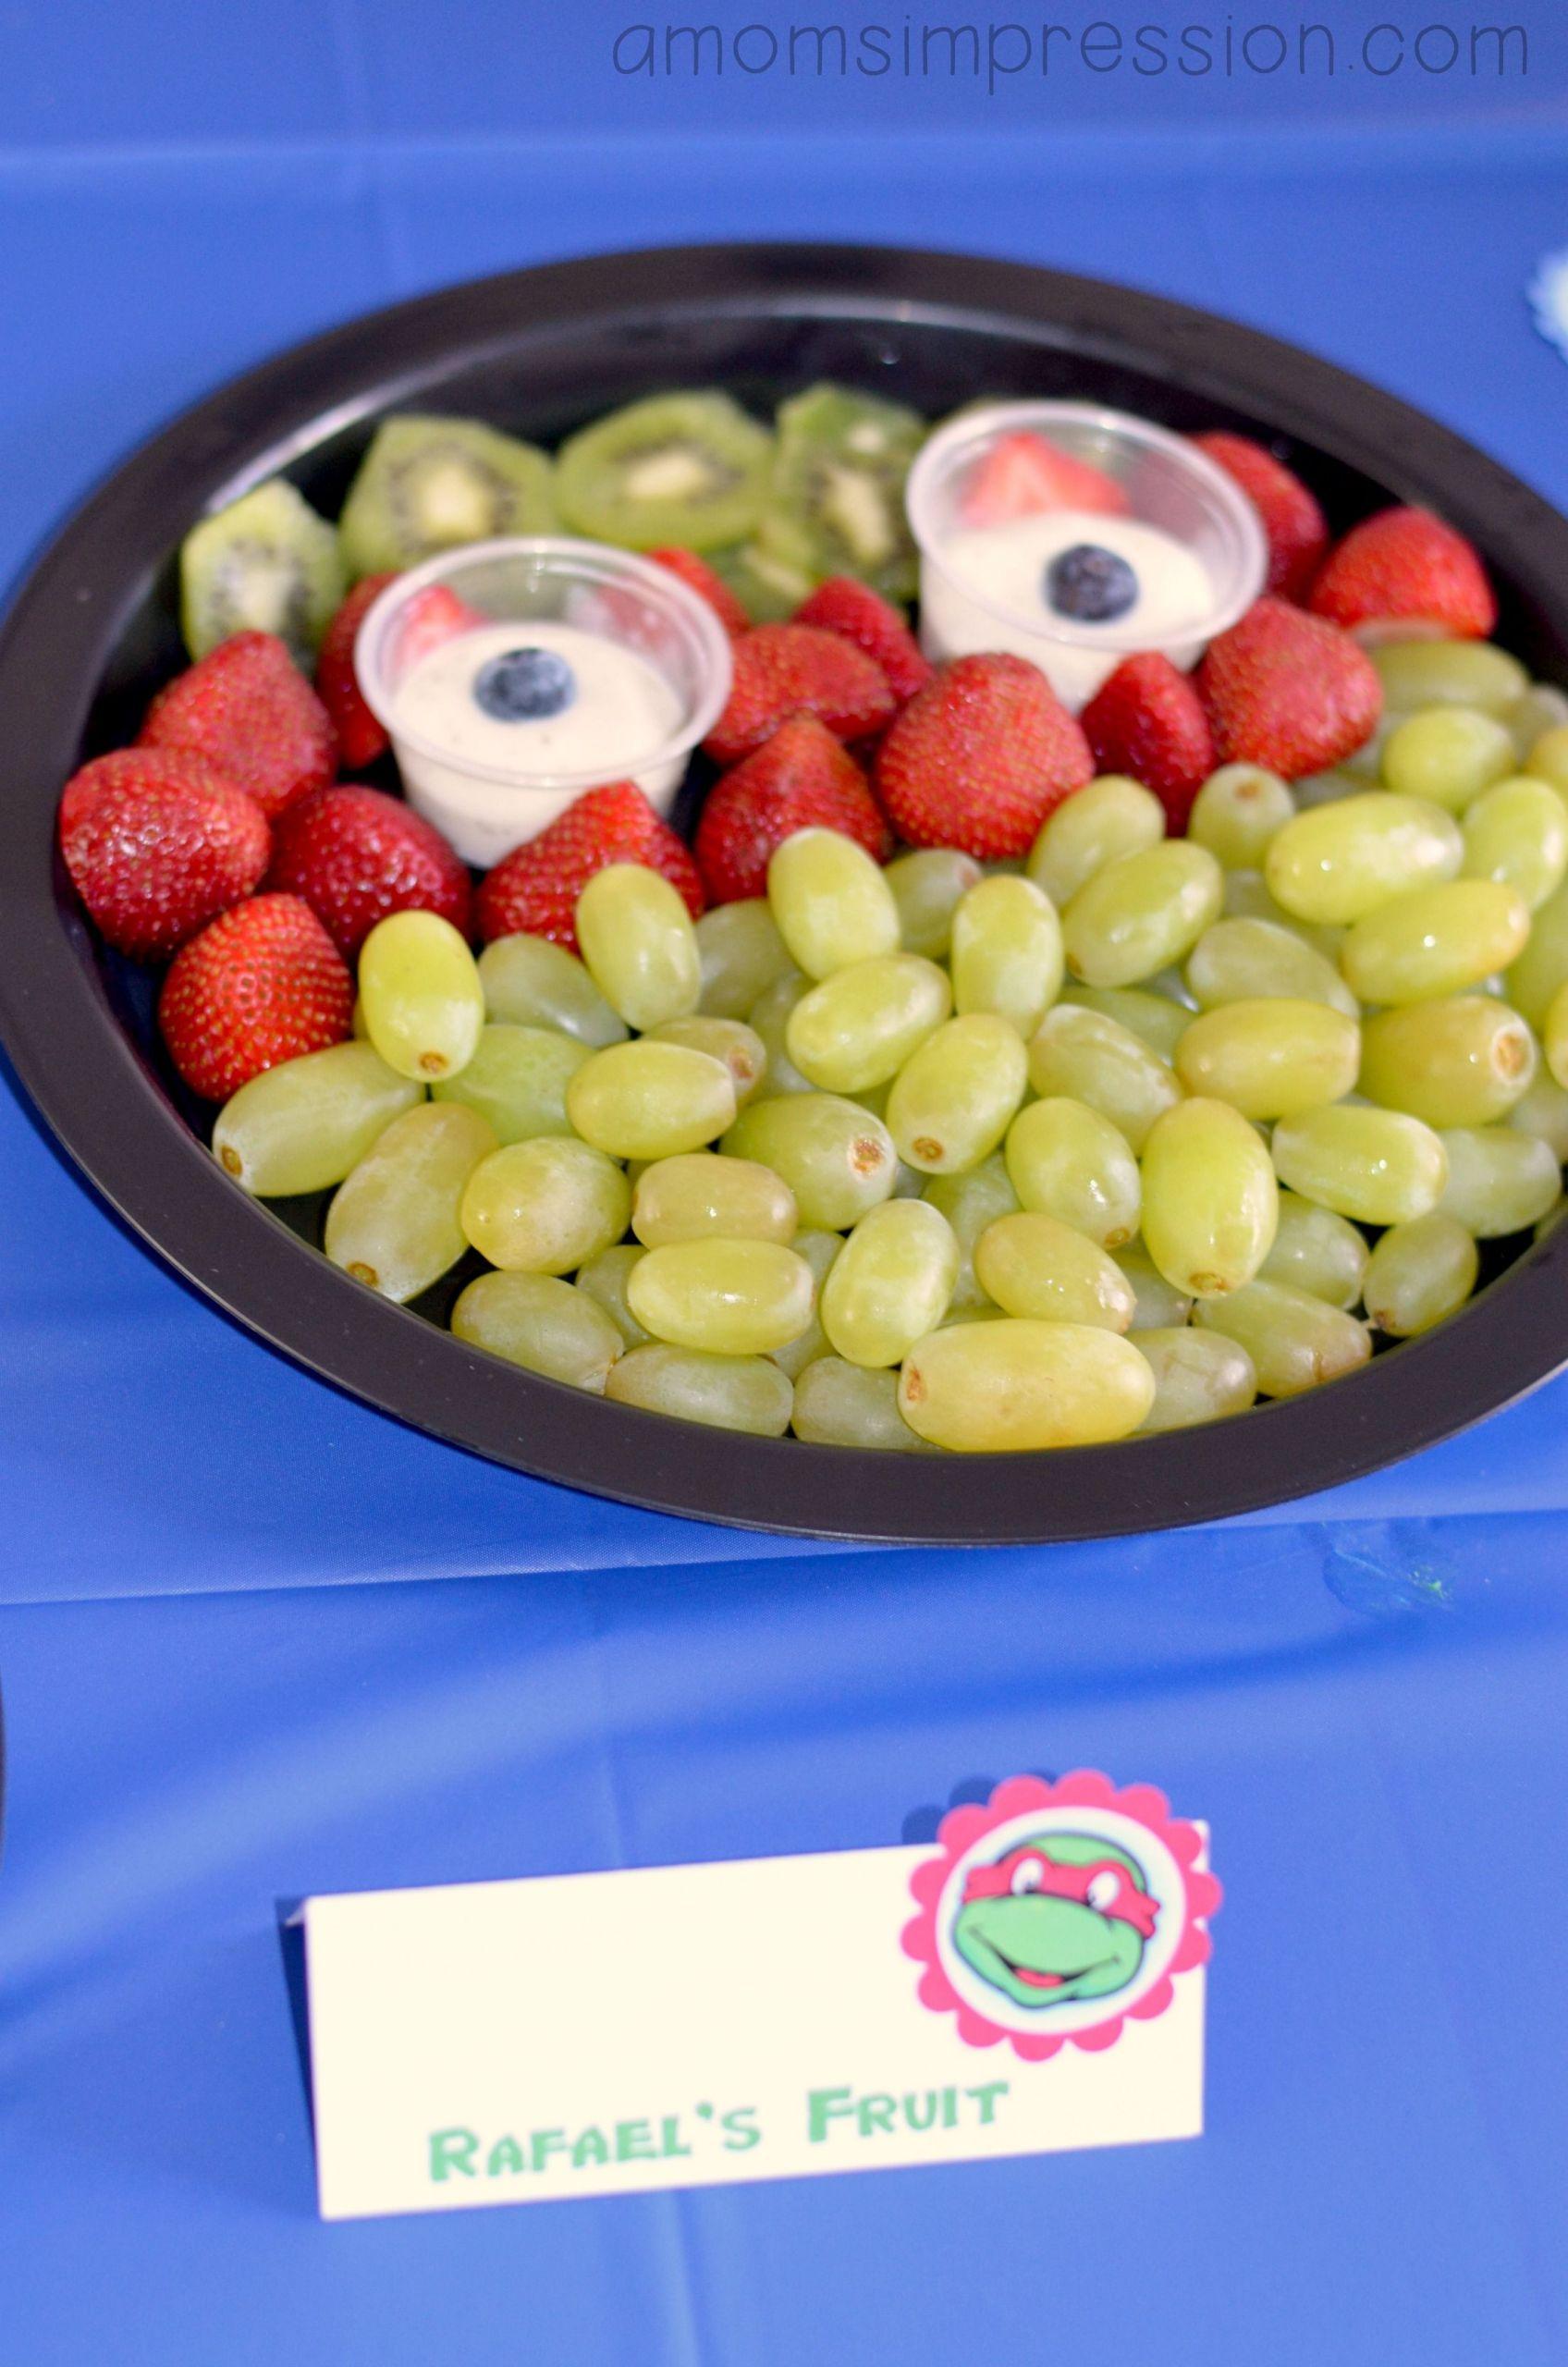 Ninja Turtles Birthday Party Food Ideas  Teenage Mutant Ninja Turtles Birthday Party food ideas